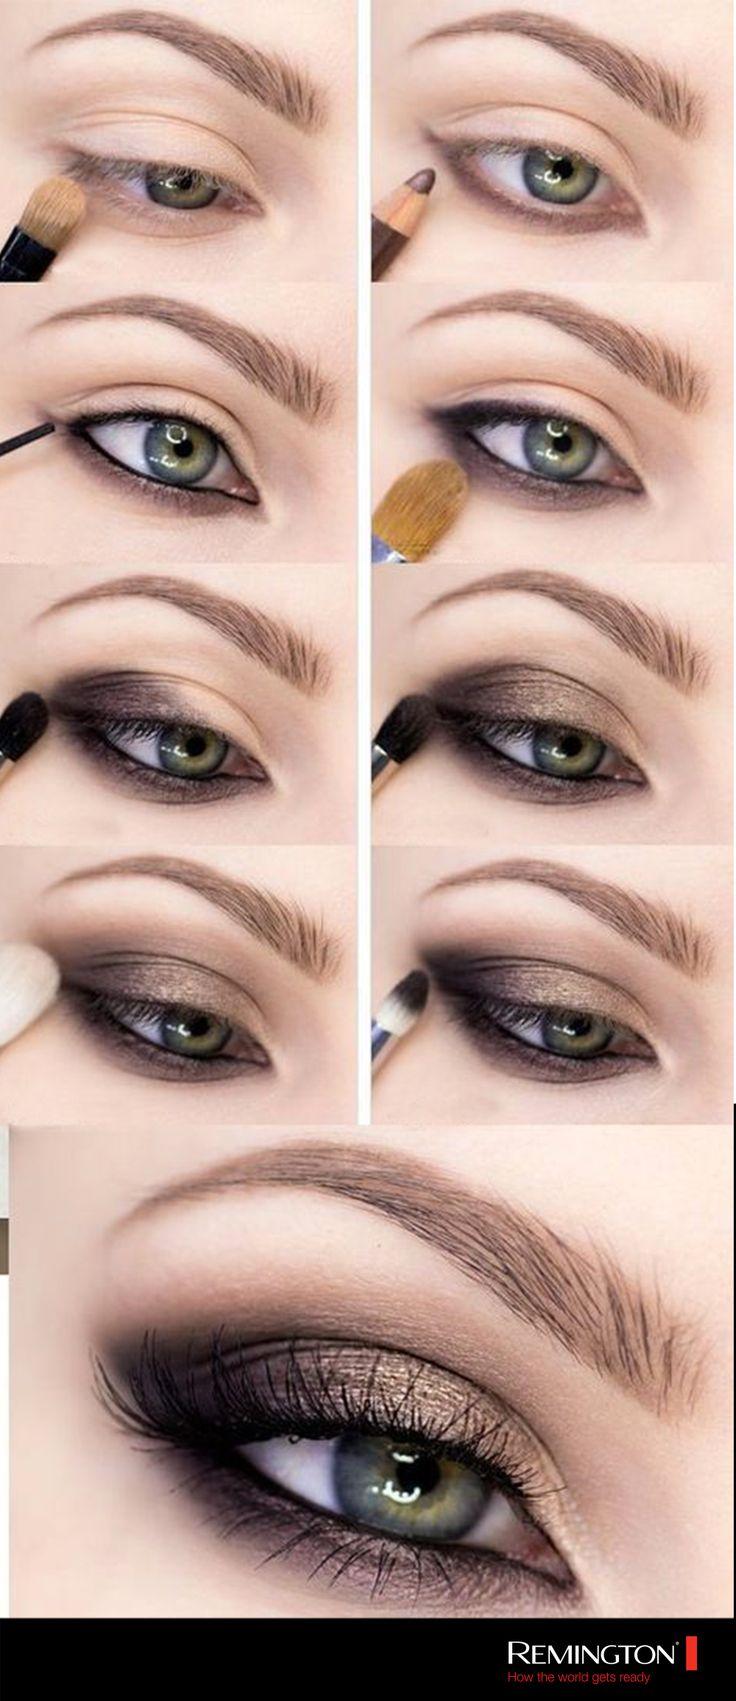 Este sencillo y lindo maquillaje hará que tu mirada sea la protagonista de la n...